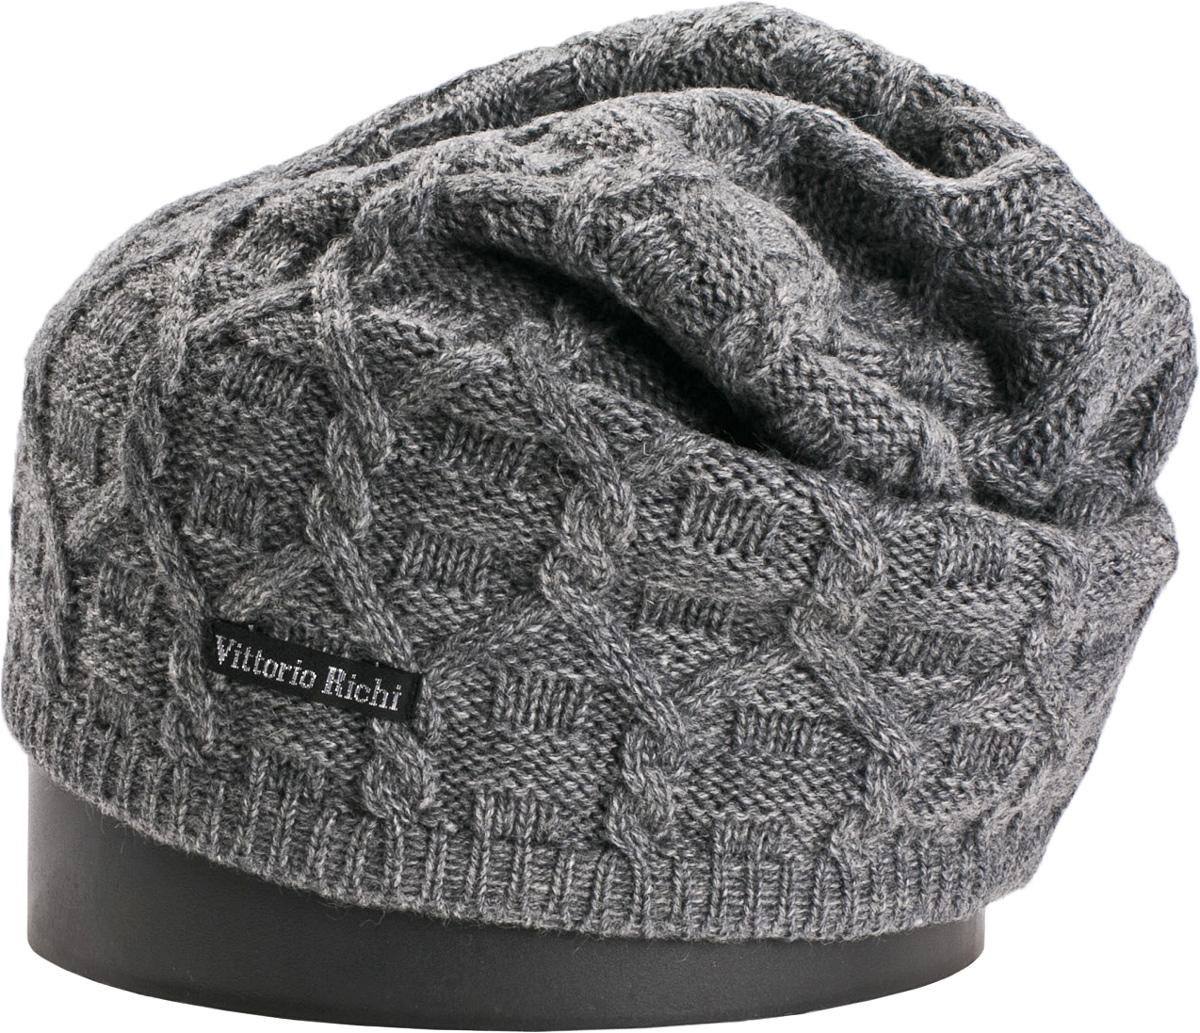 Шапка женская Vittorio Richi, цвет: серый. NSH417024. Размер 56/58 шапка женская sela цвет серый hak 141 019w 6404 размер 56 58